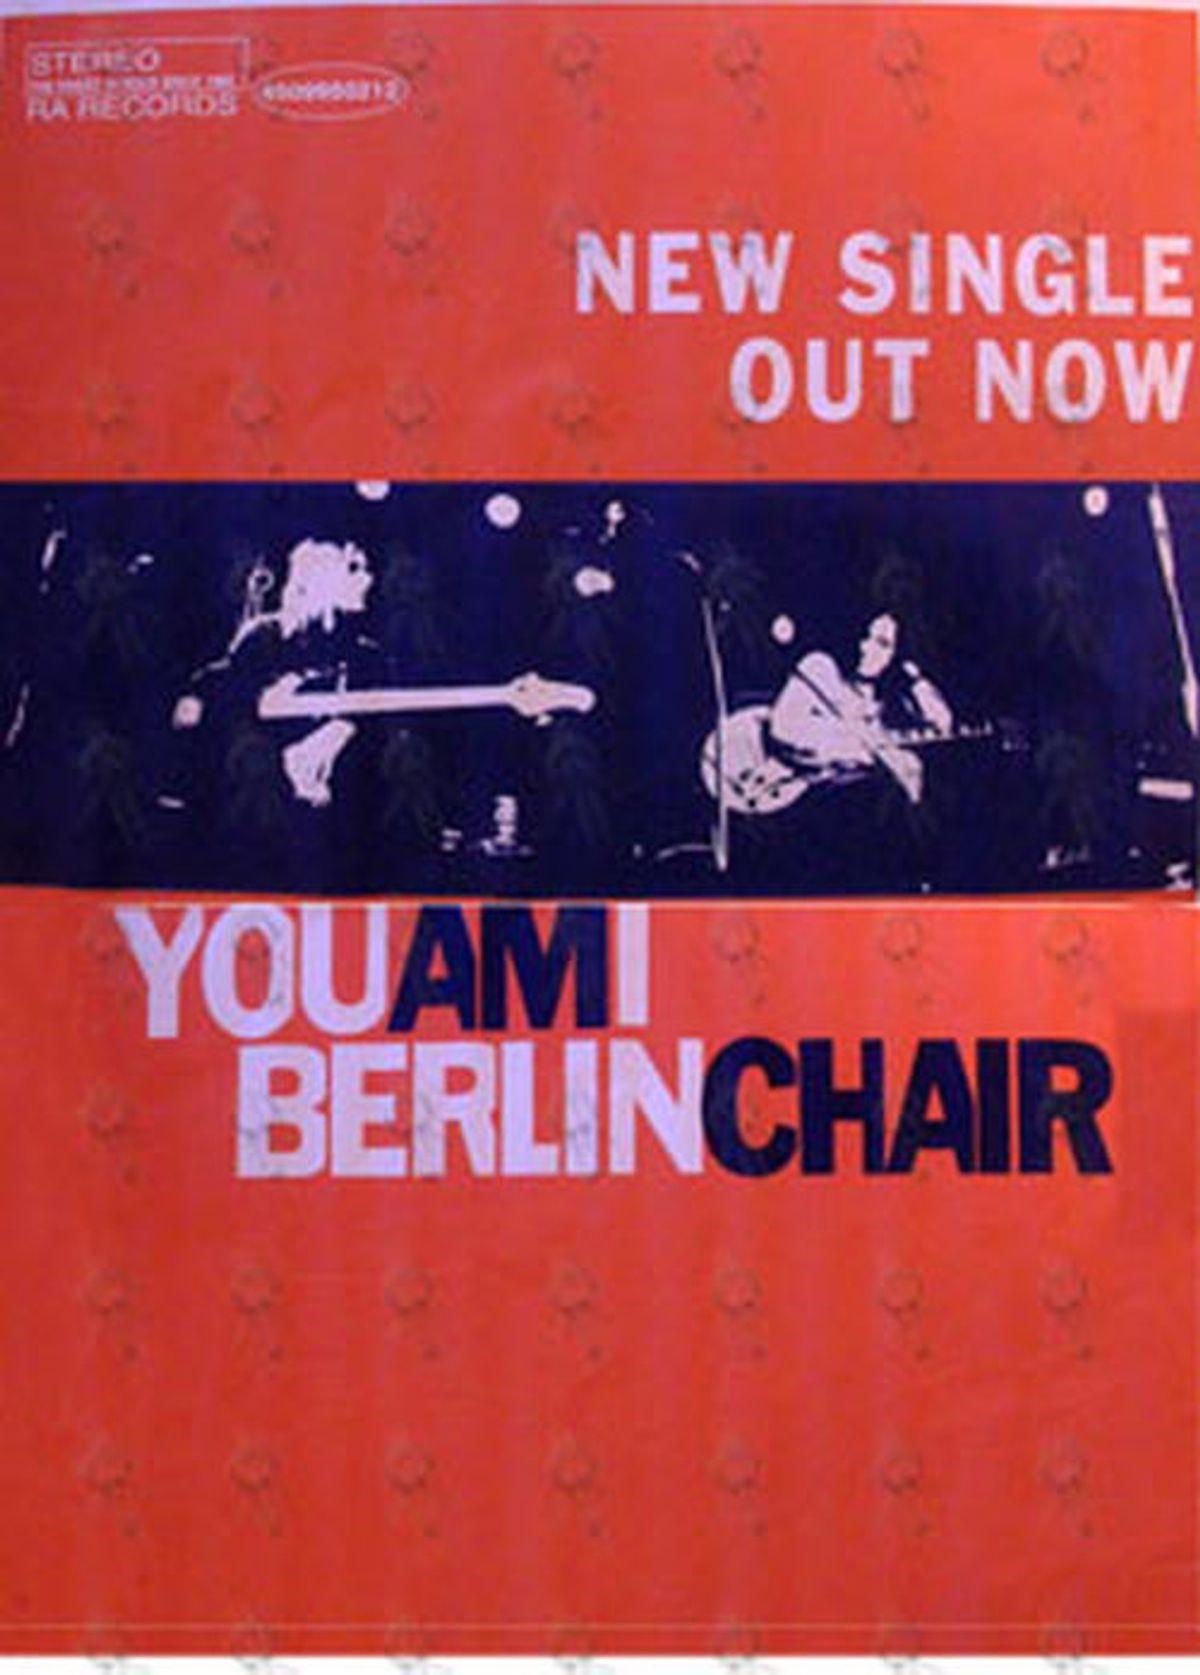 #FijnBesnaard - You Am I - Berlin Chair (1993)